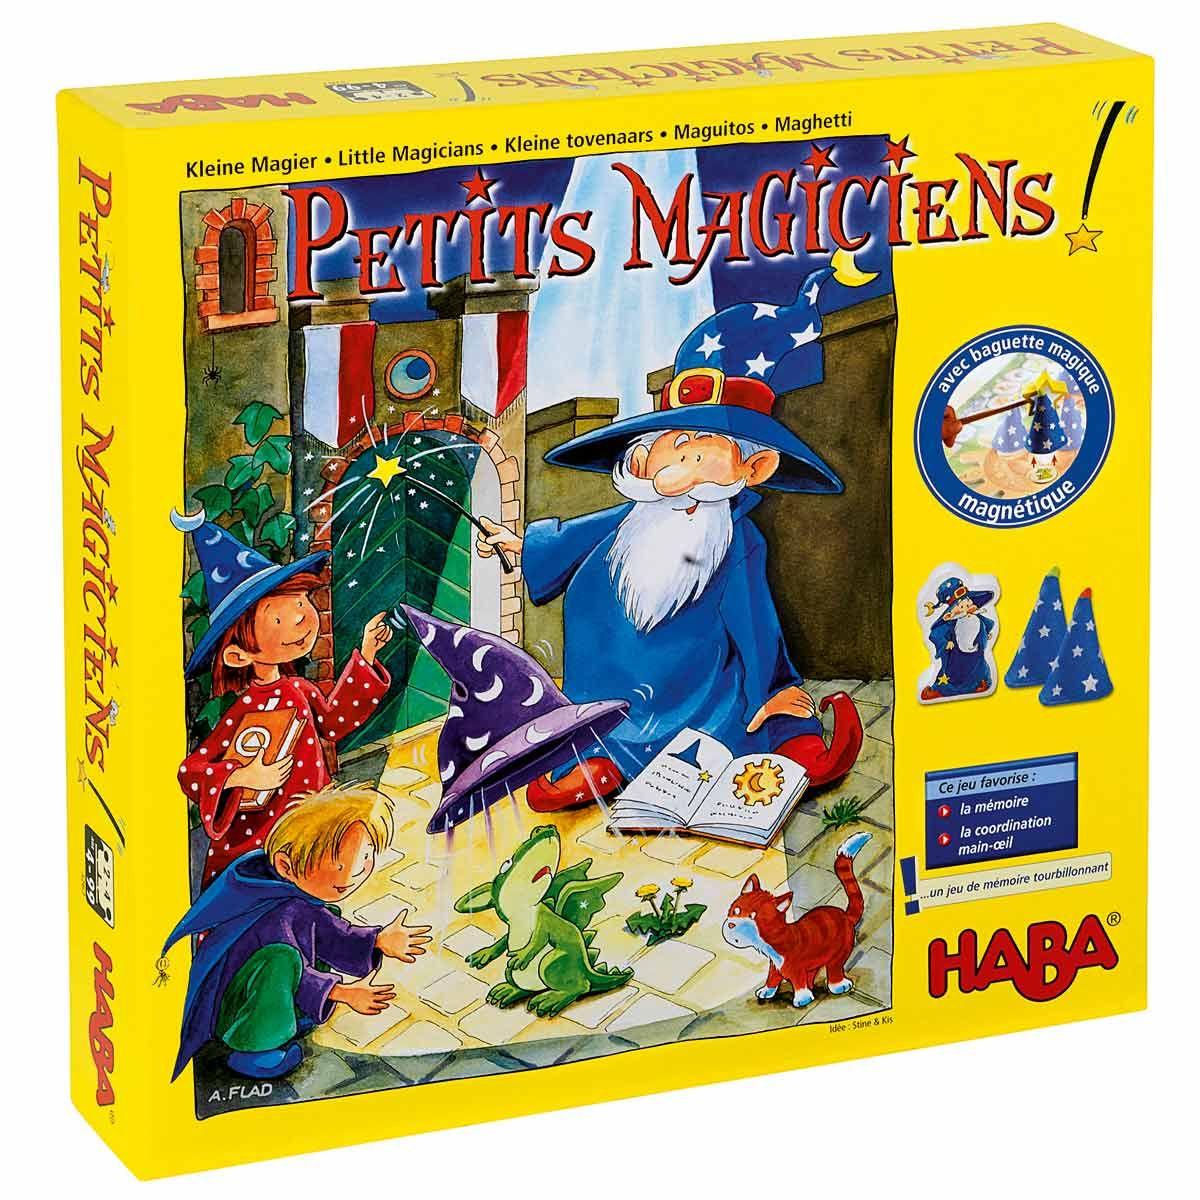 Jeu de société Les petits magiciens Haba | Jeux de société, Jeux de mémoire, Tour de magie